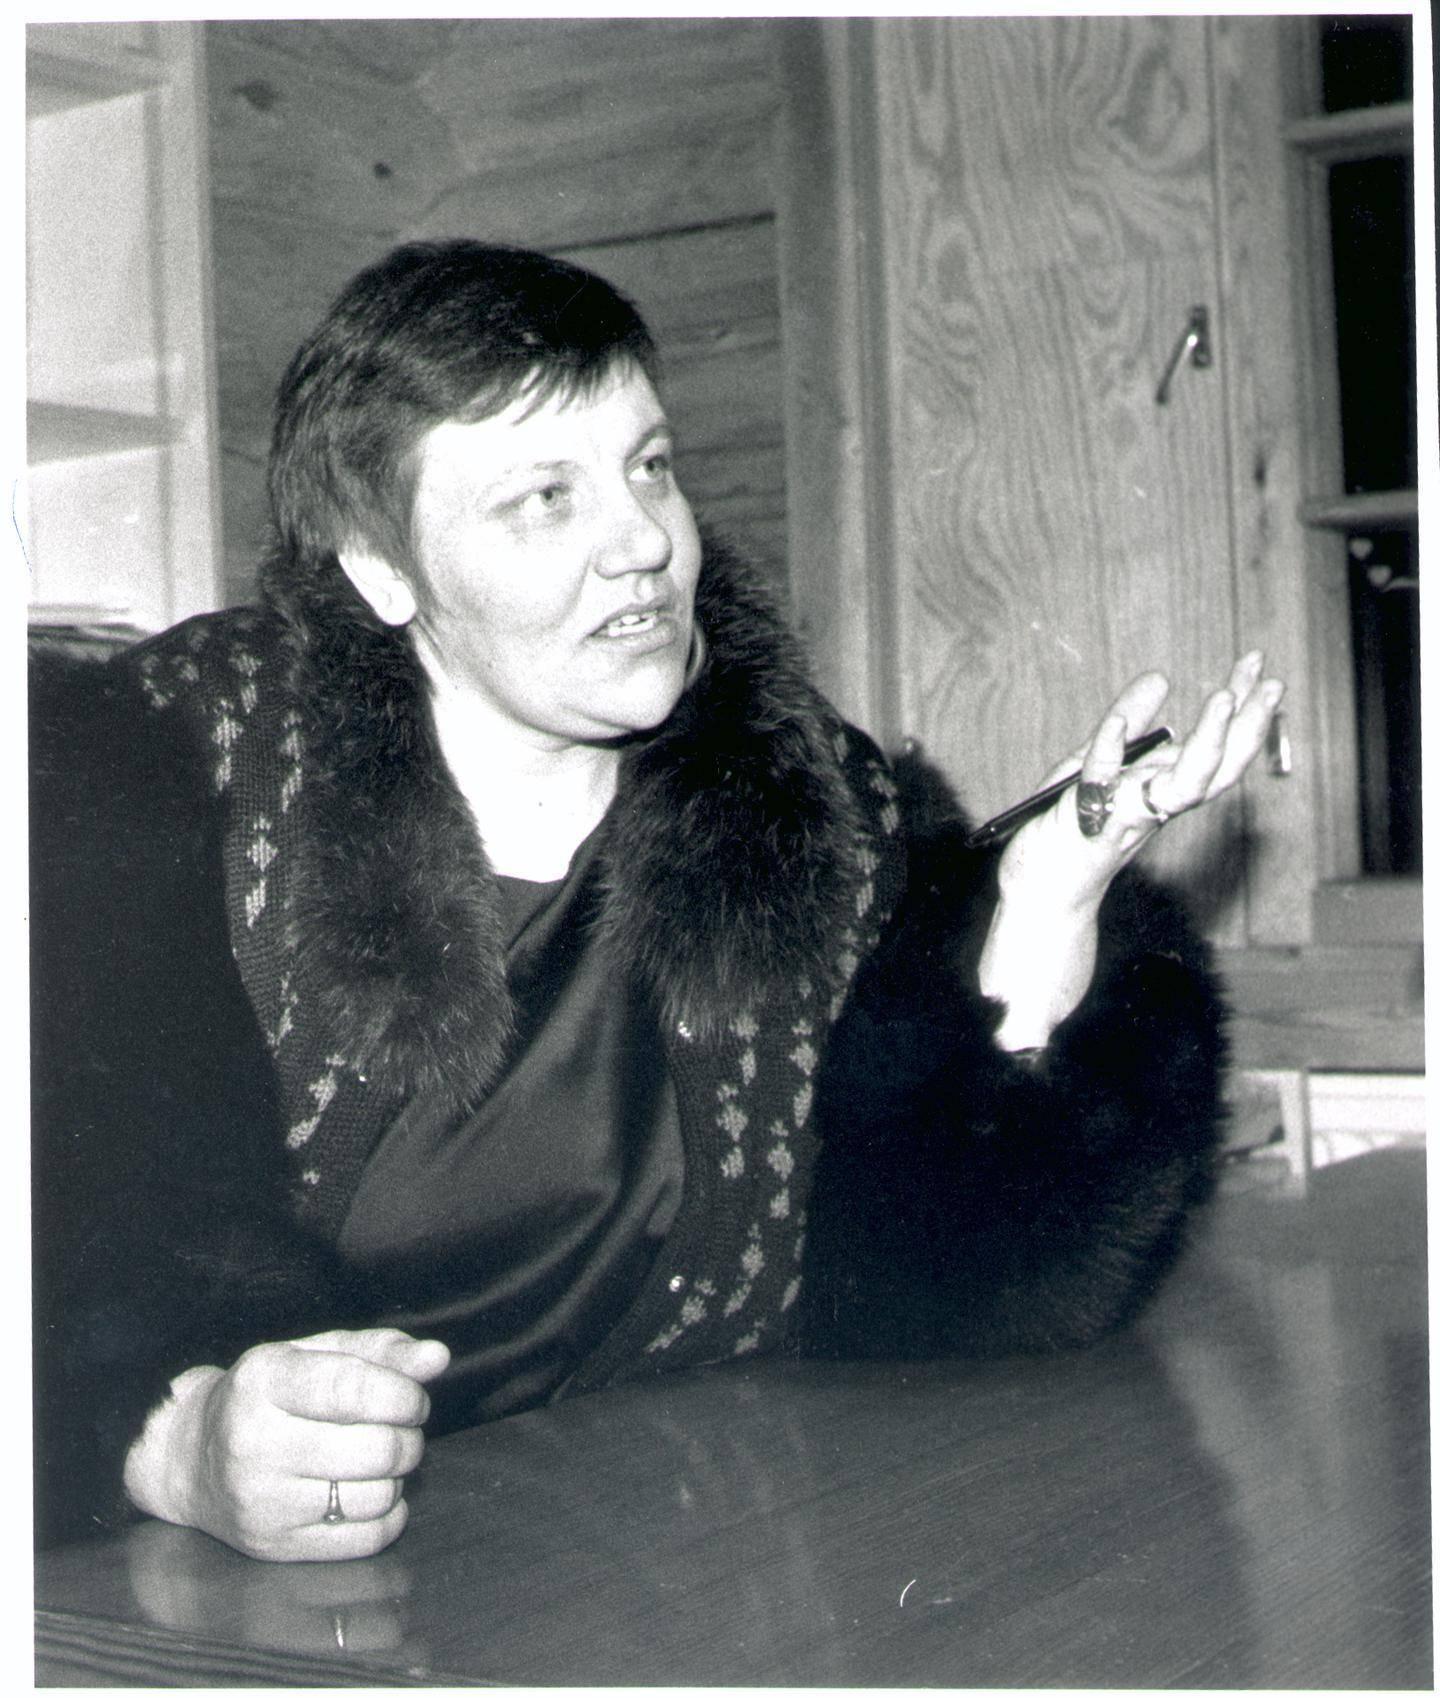 Lilja Kinnunen-Riipinen